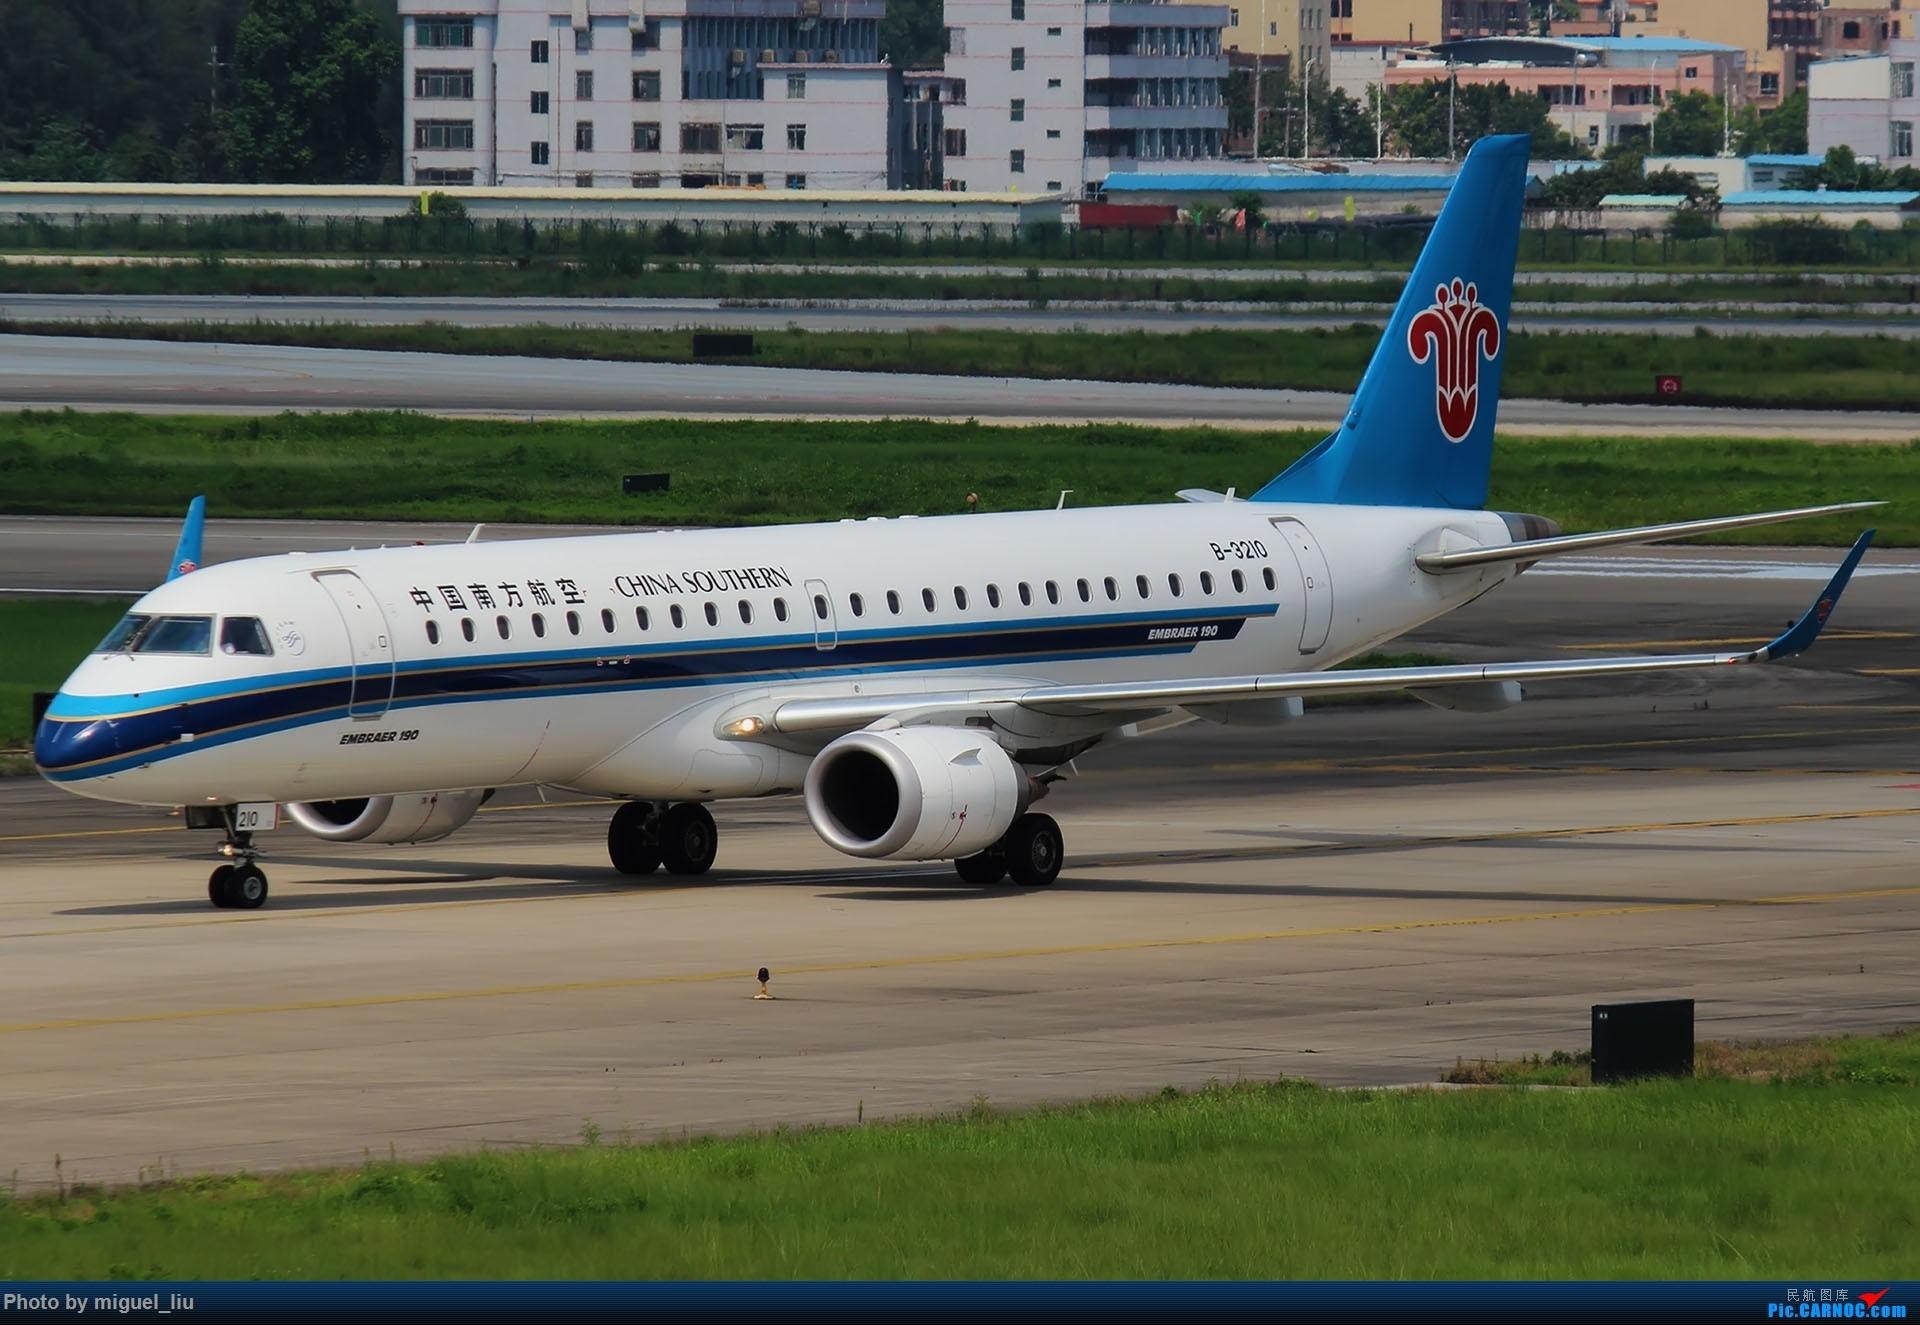 Re:[原创][*********Miguel_liu********]7月28日例行打卡 EMBRAER E-190 B-3210 中国广州白云国际机场